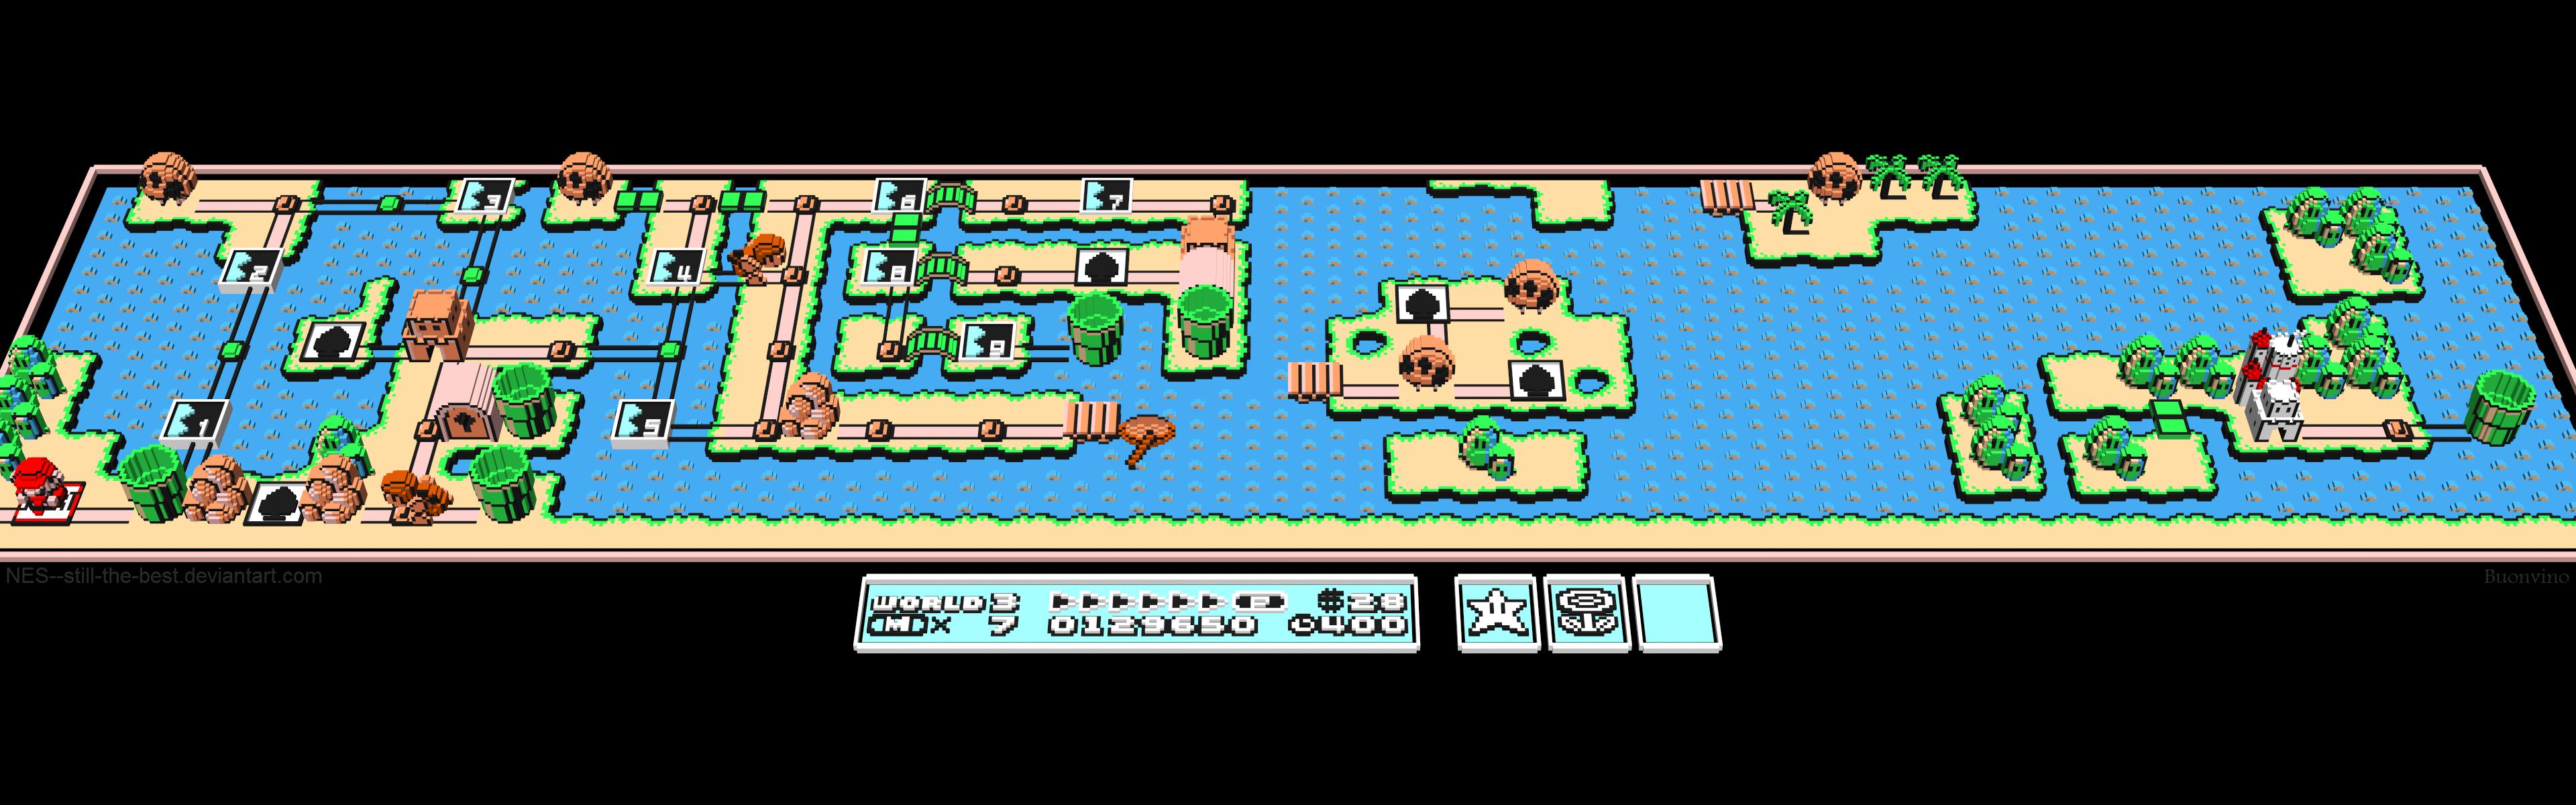 D Nintendo Mario World By NESstillthebest On DeviantArt - World map screen wallpaper